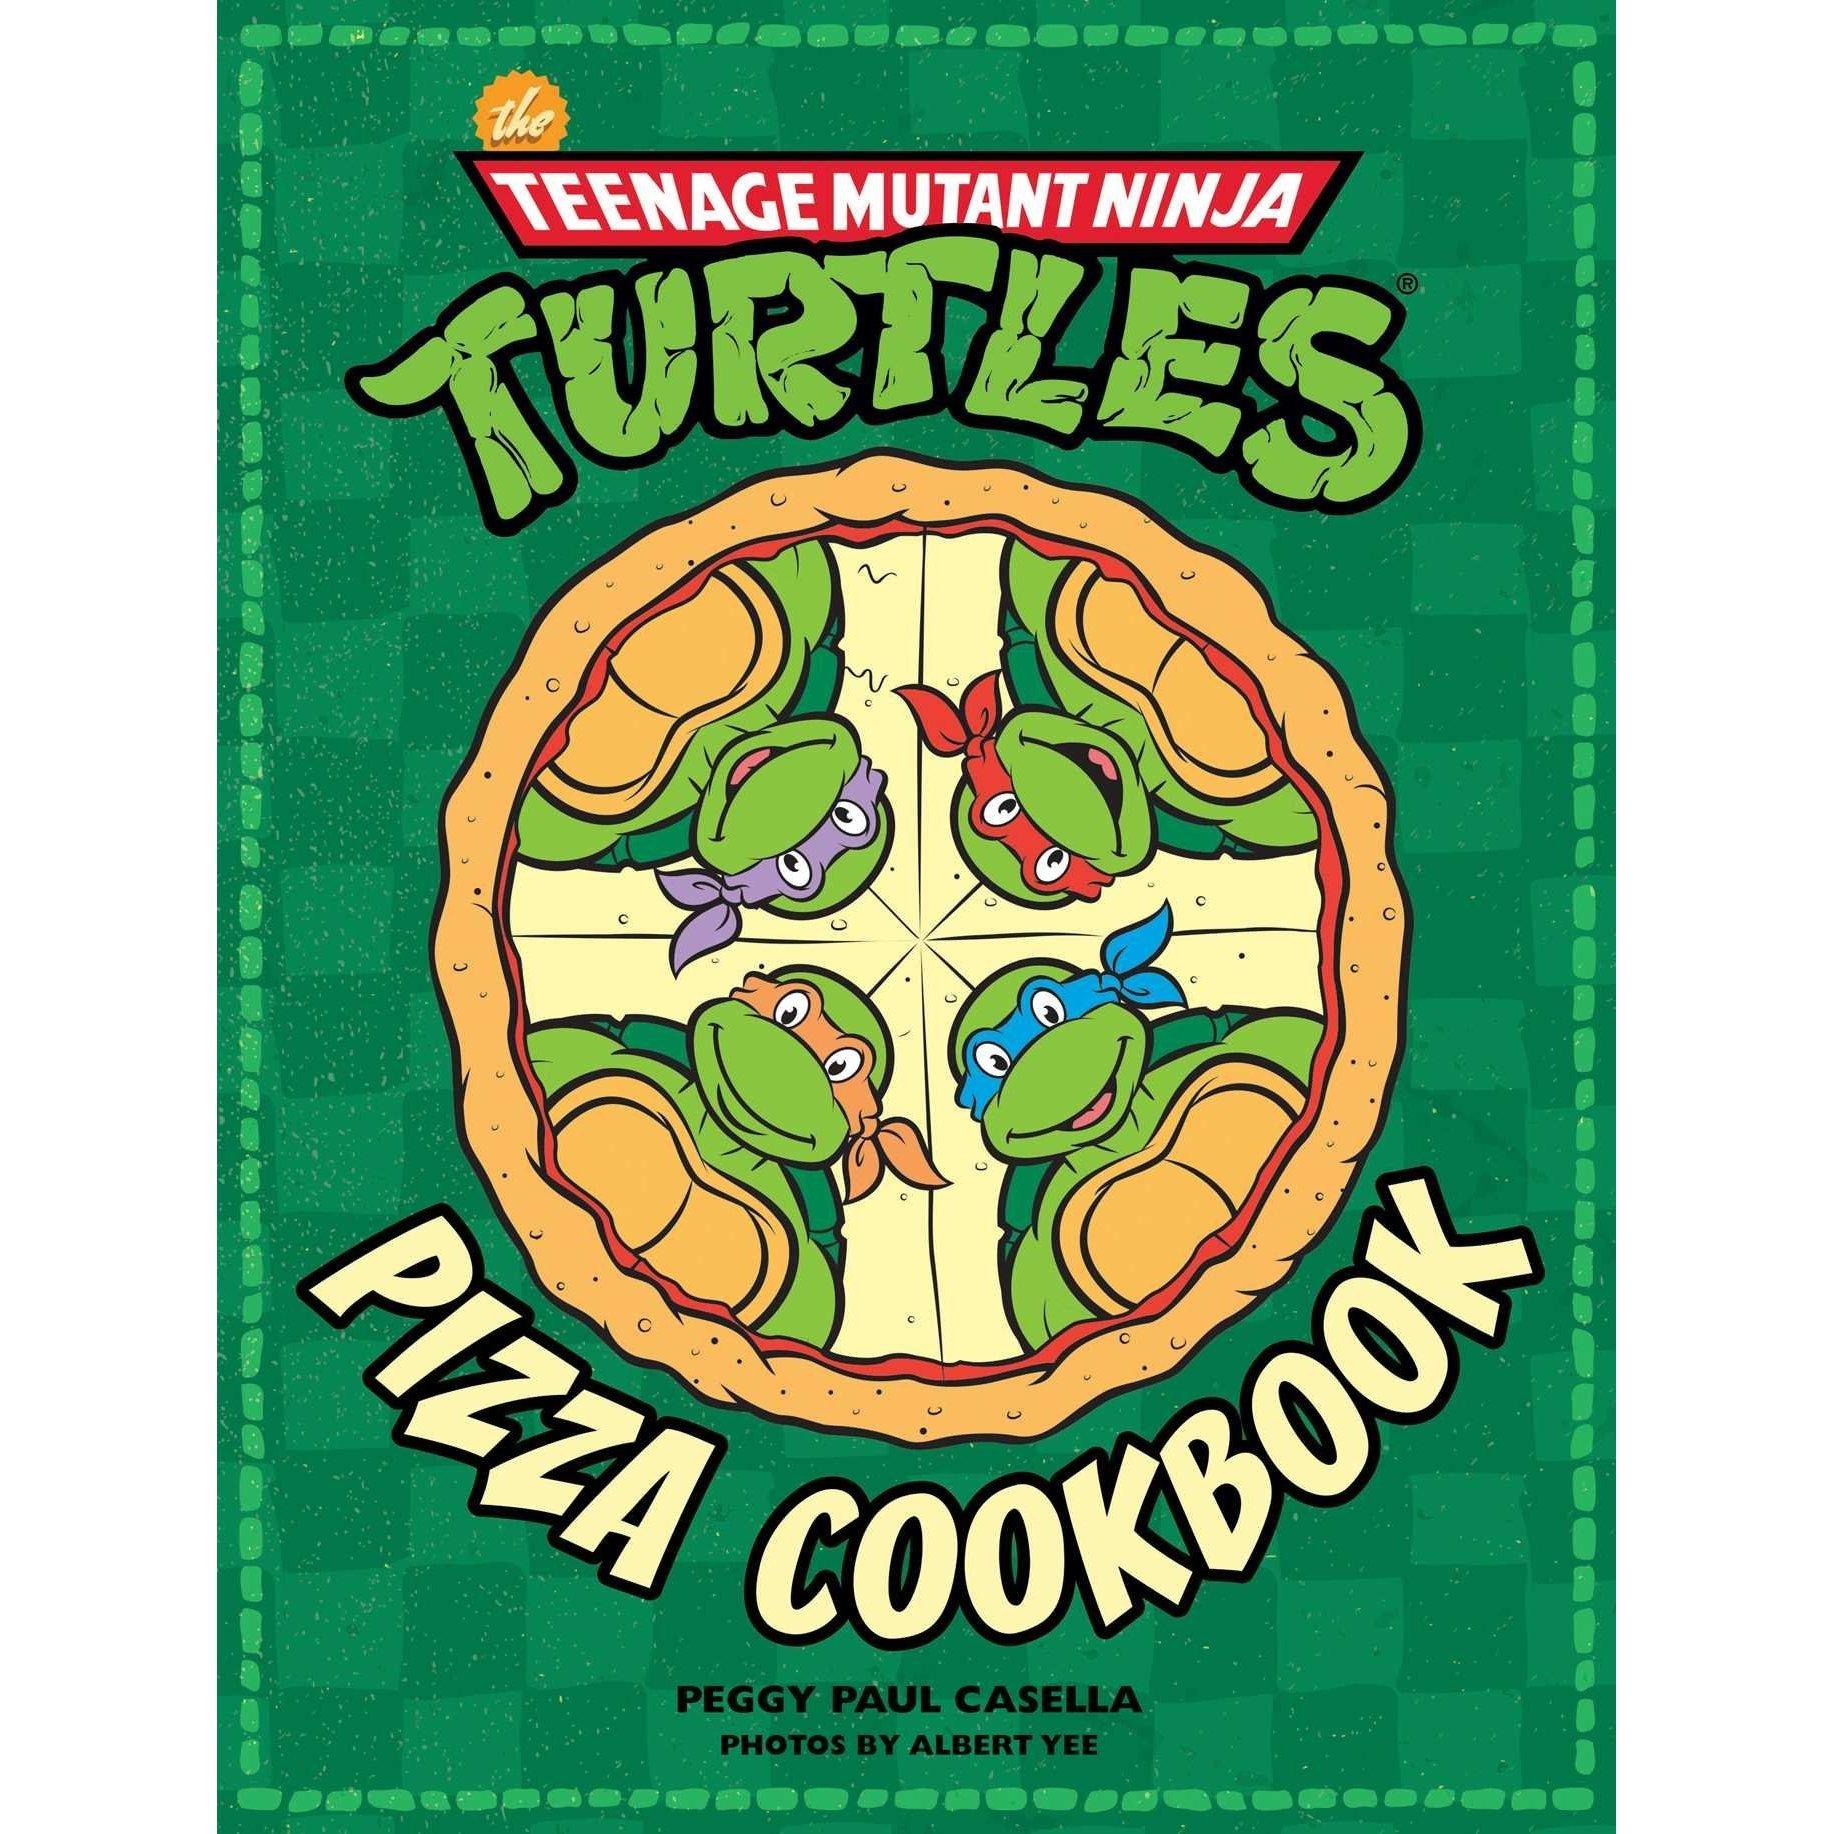 1834x1834 Teenage Mutant Ninja Turtles Pizza Cookbook By Peggy Paul Casella